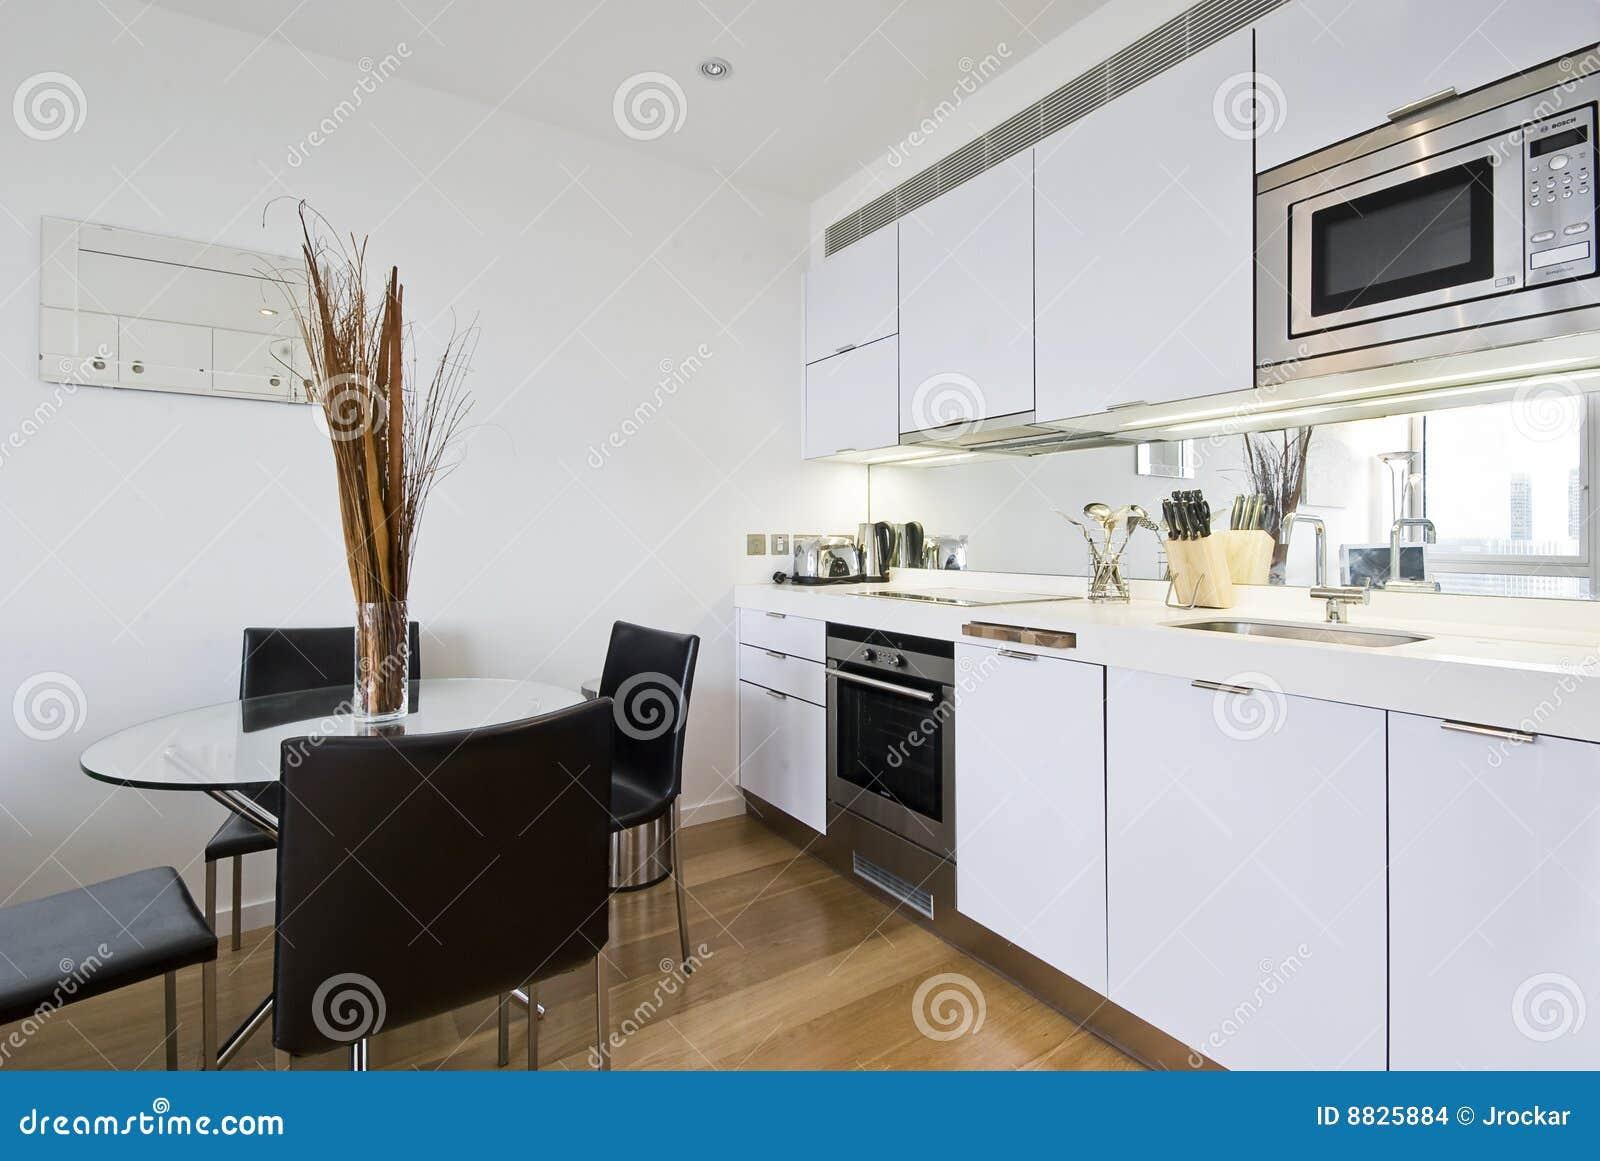 Keuken met eettafel stock foto afbeelding bestaande uit helder